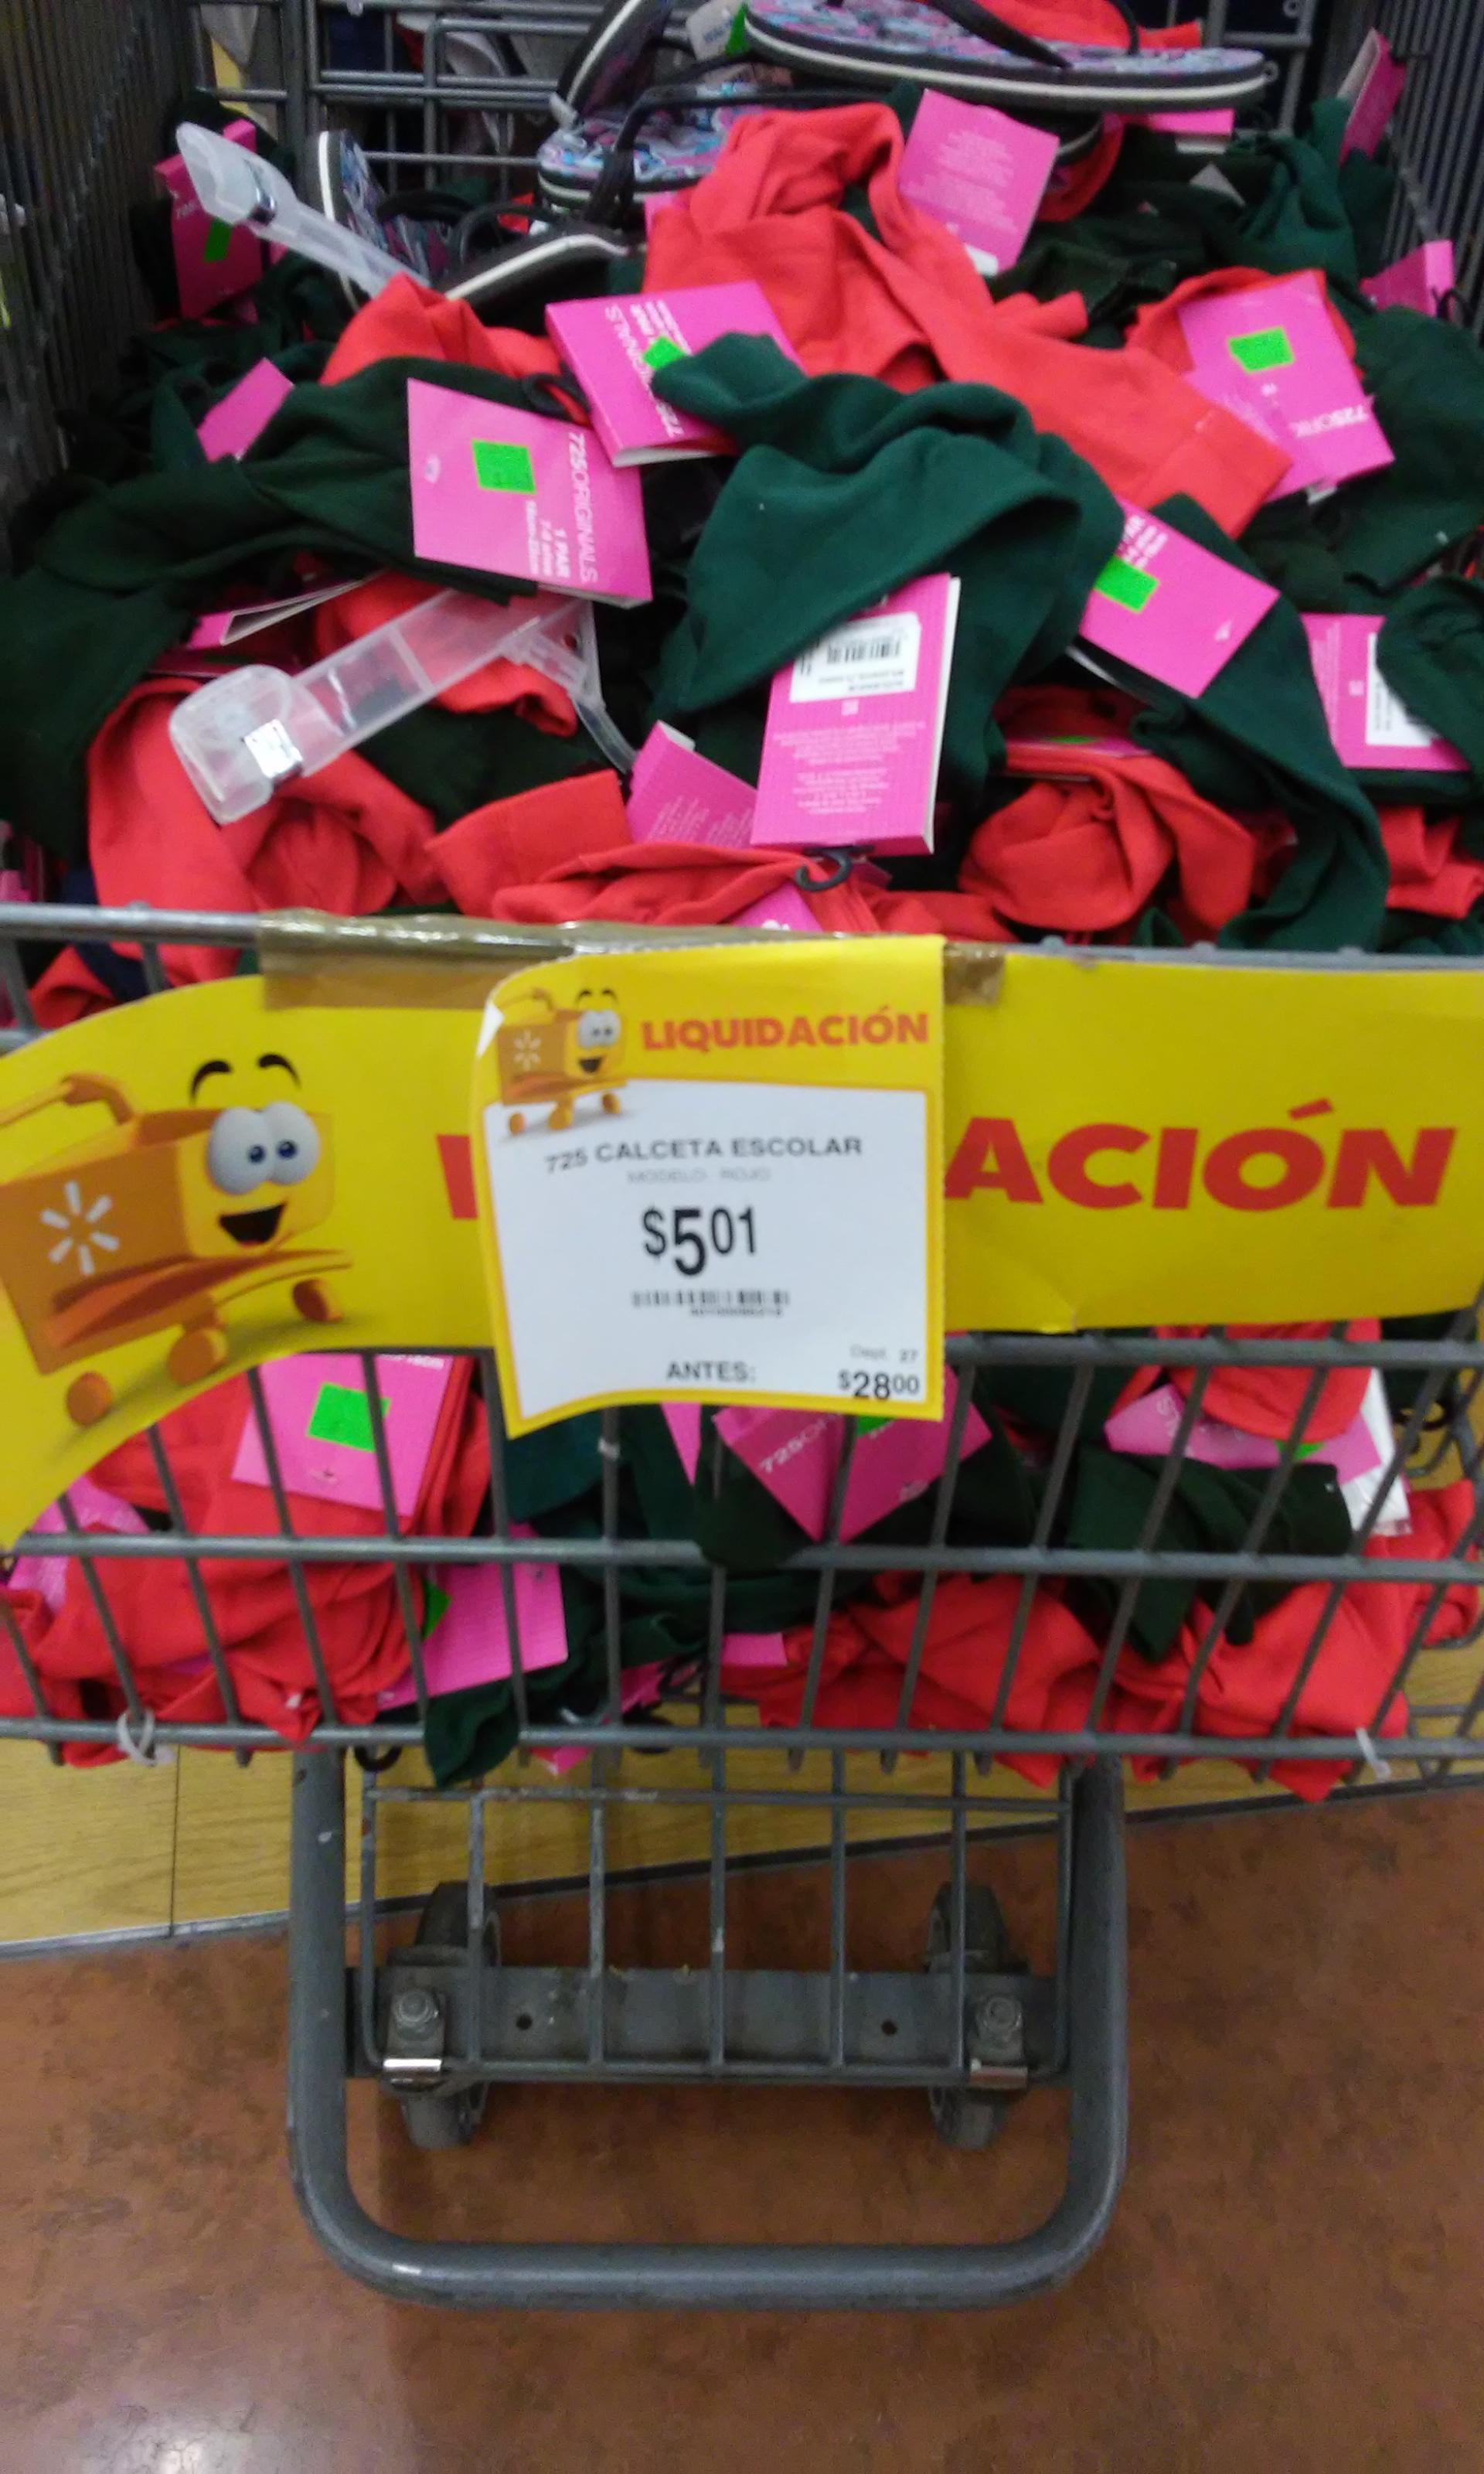 Walmart Plaza del Lago: Calceta escolar $5.01